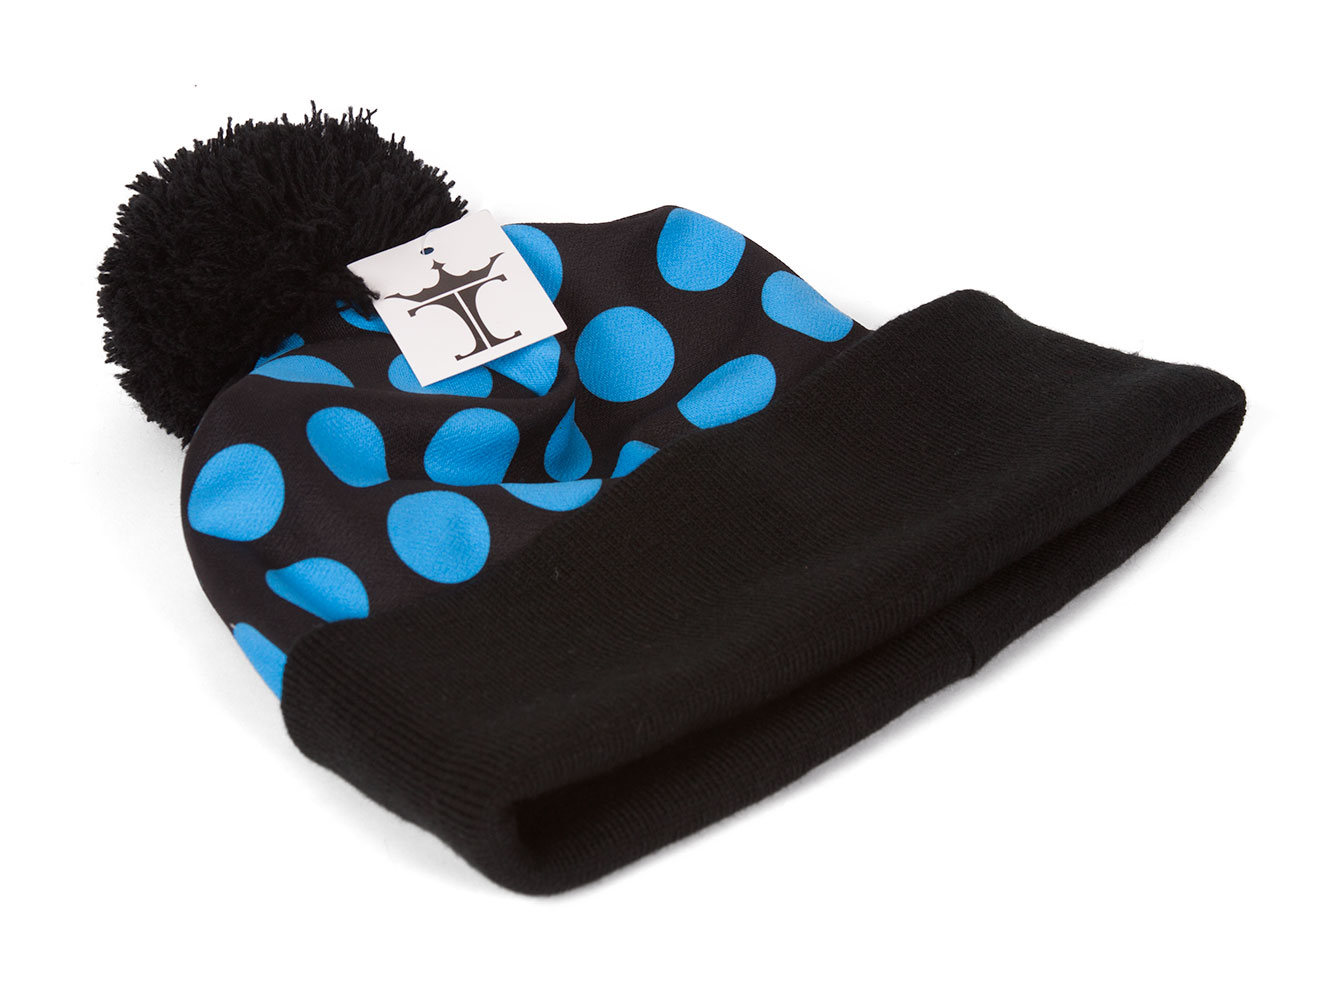 Winter-Unisex-Sublimation-Cuffed-Beanie-w-Pom